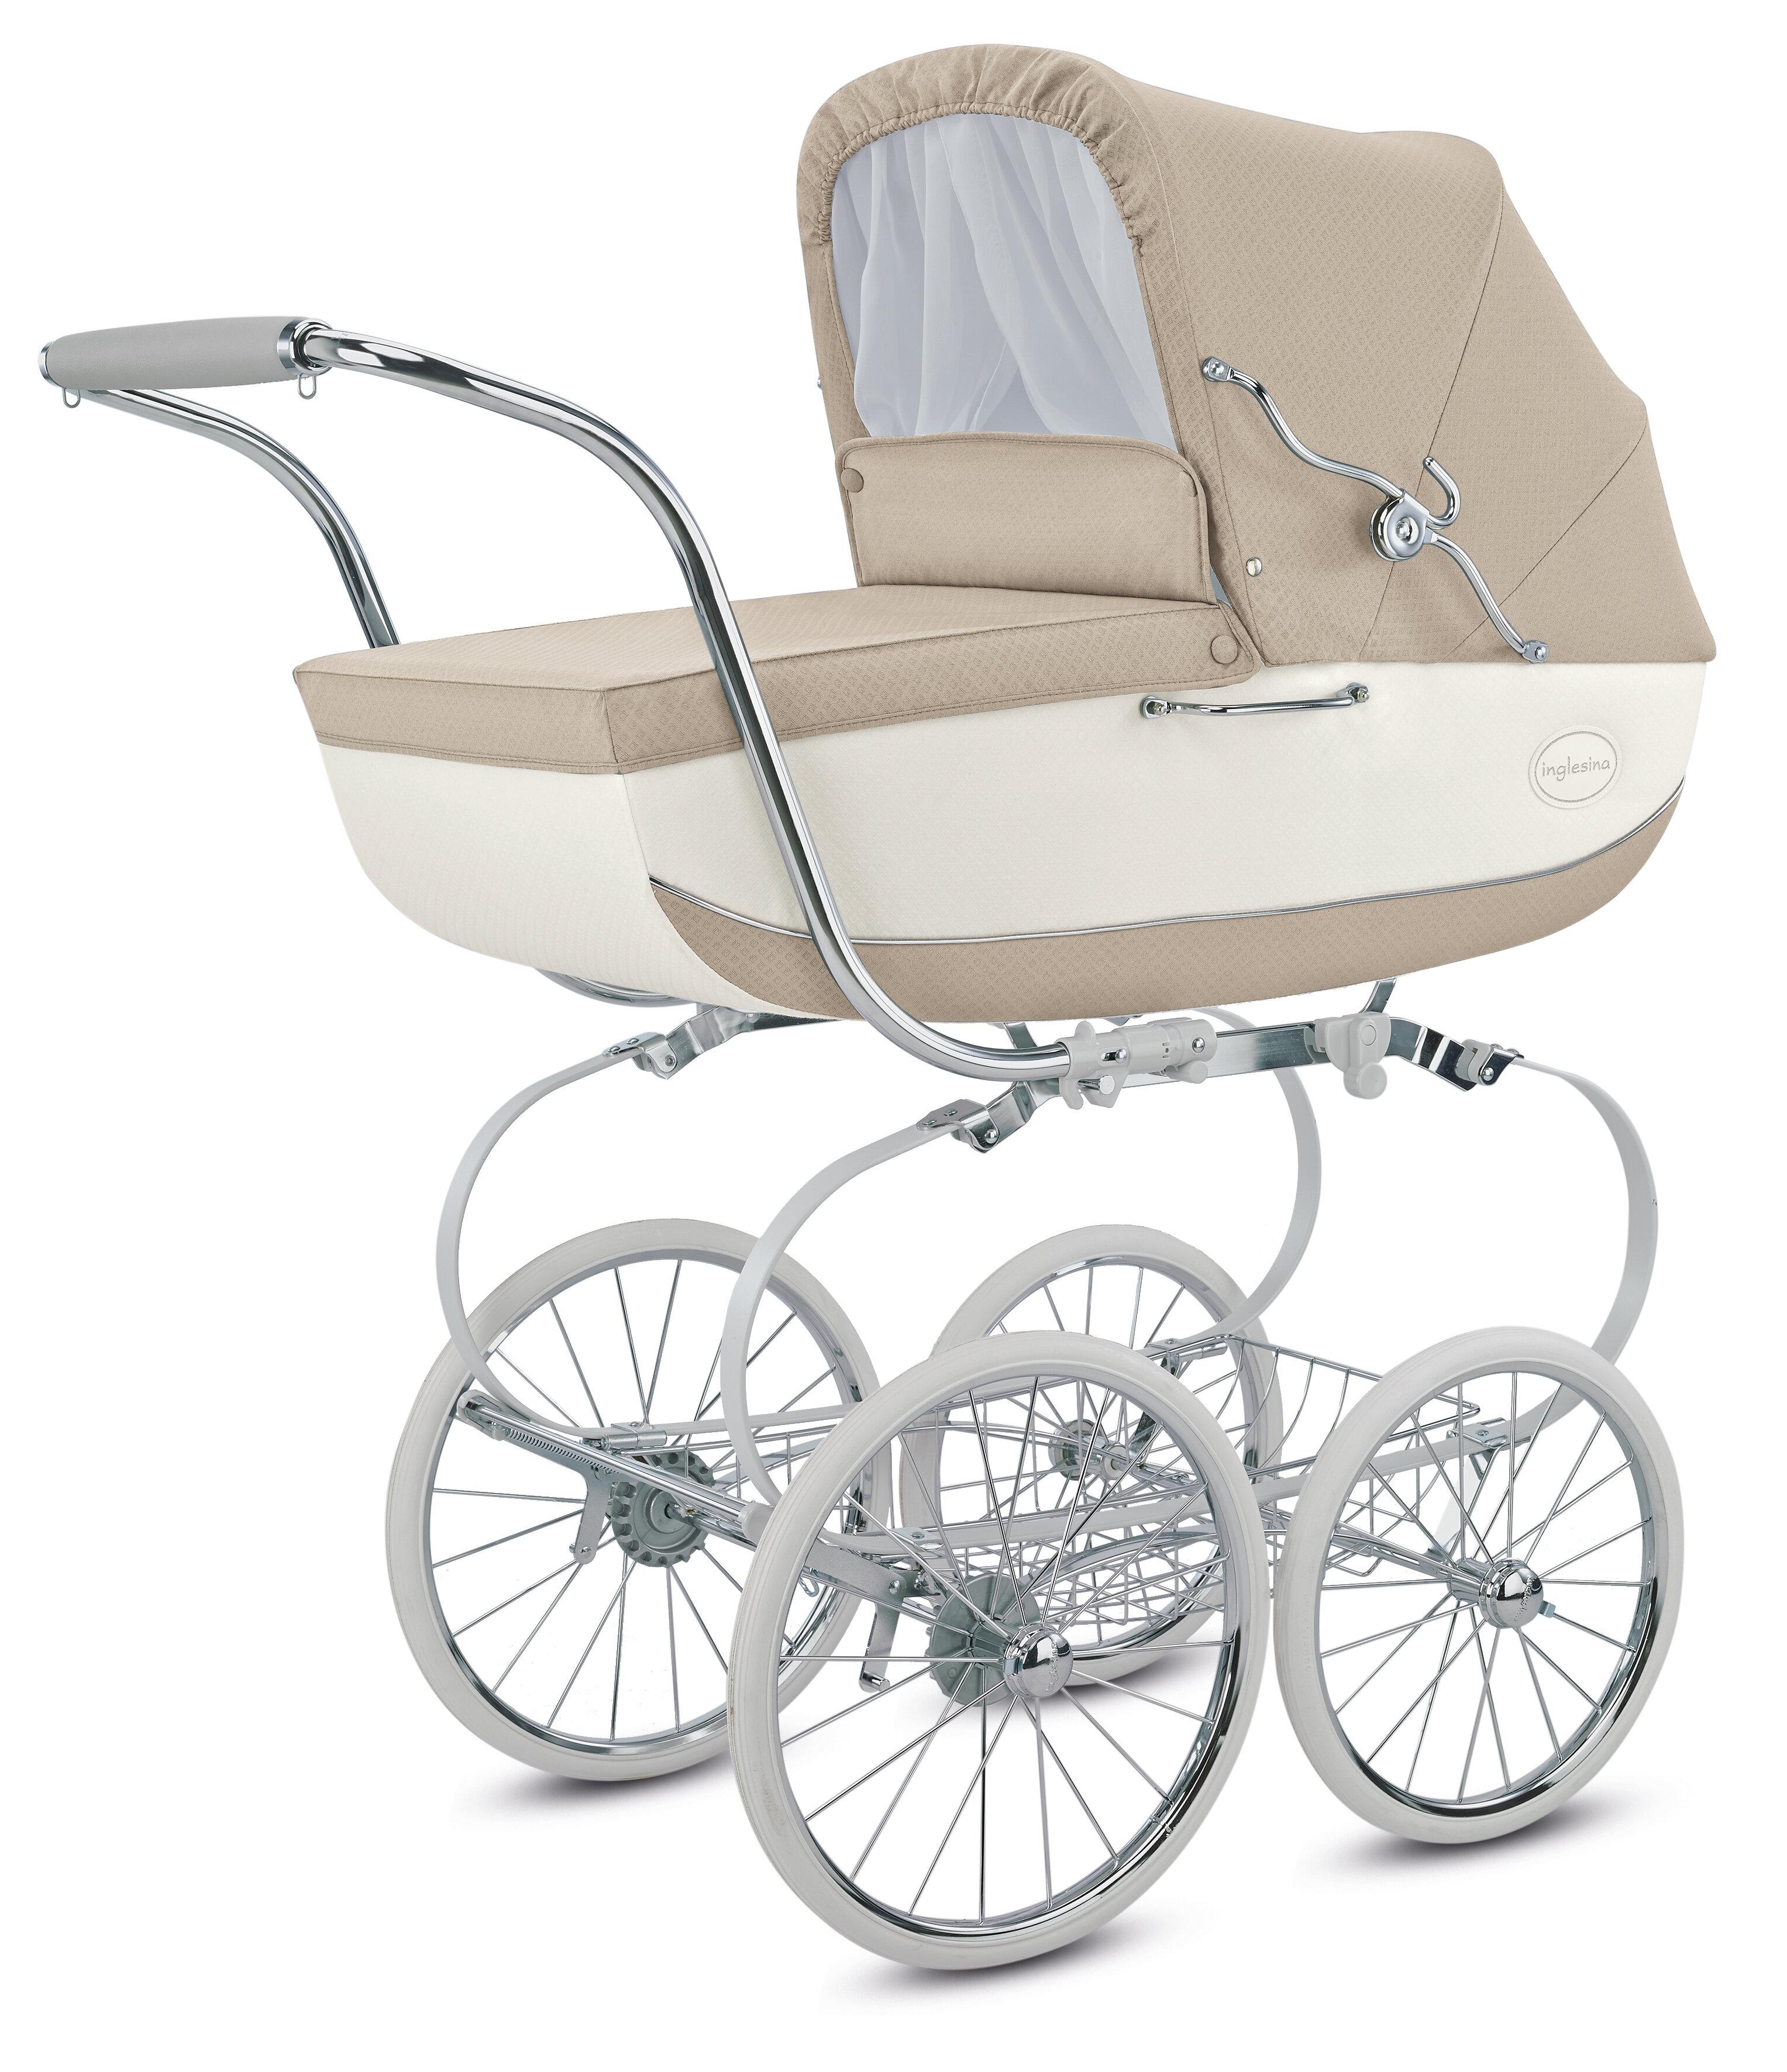 Коляска для новорожденных Inglesina Classica (шасси Balestrino)